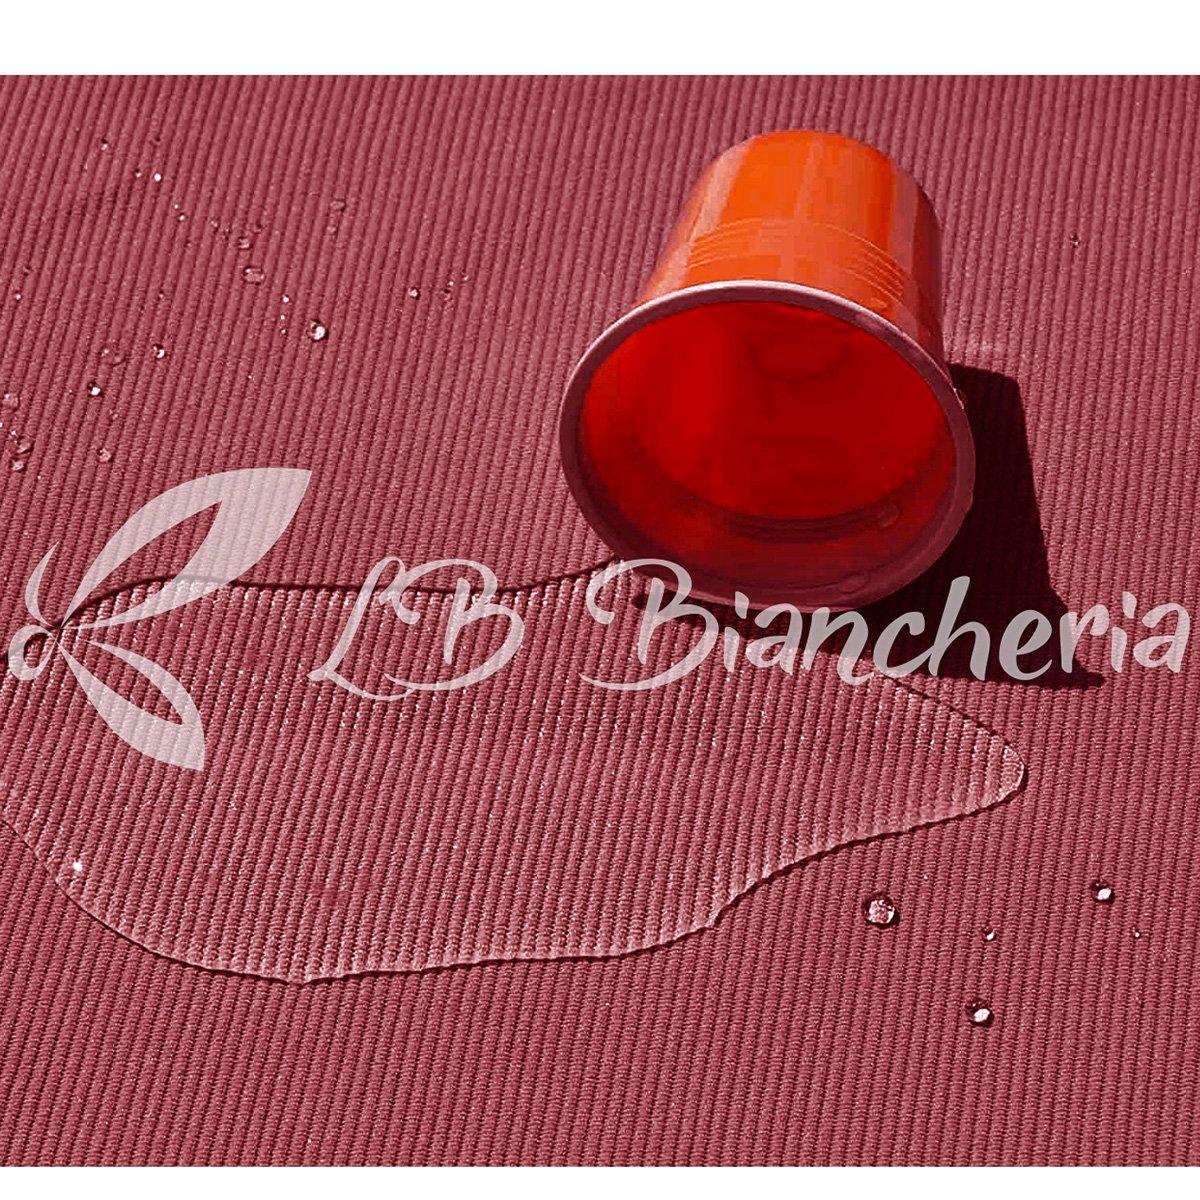 3 POSTI Traspirante e antipiling Copridivano ANTIMACCHIA Elasticizzato R.P Panna